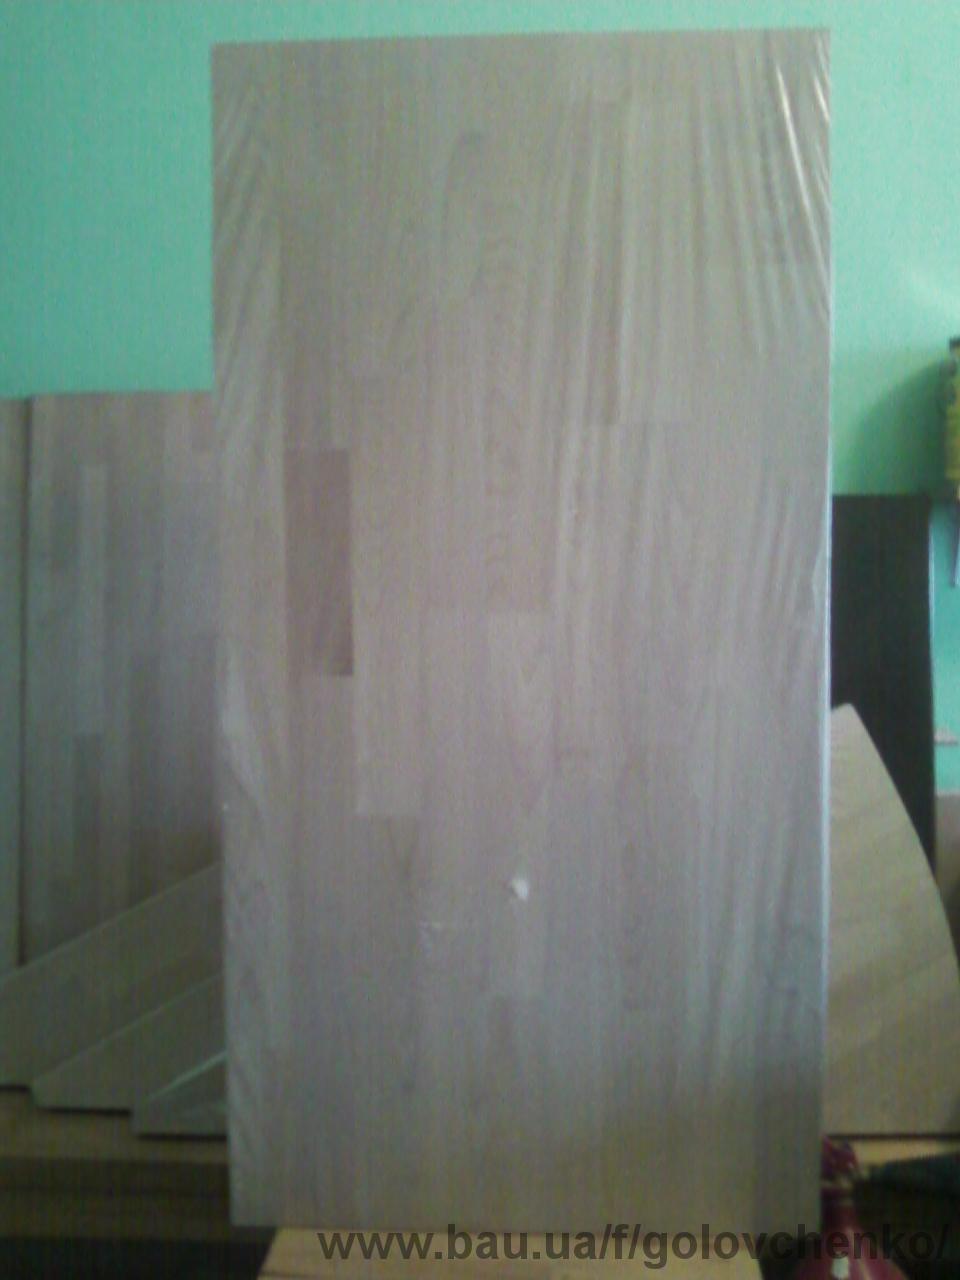 Выбираем нужный мебельный щит Полезно знать!